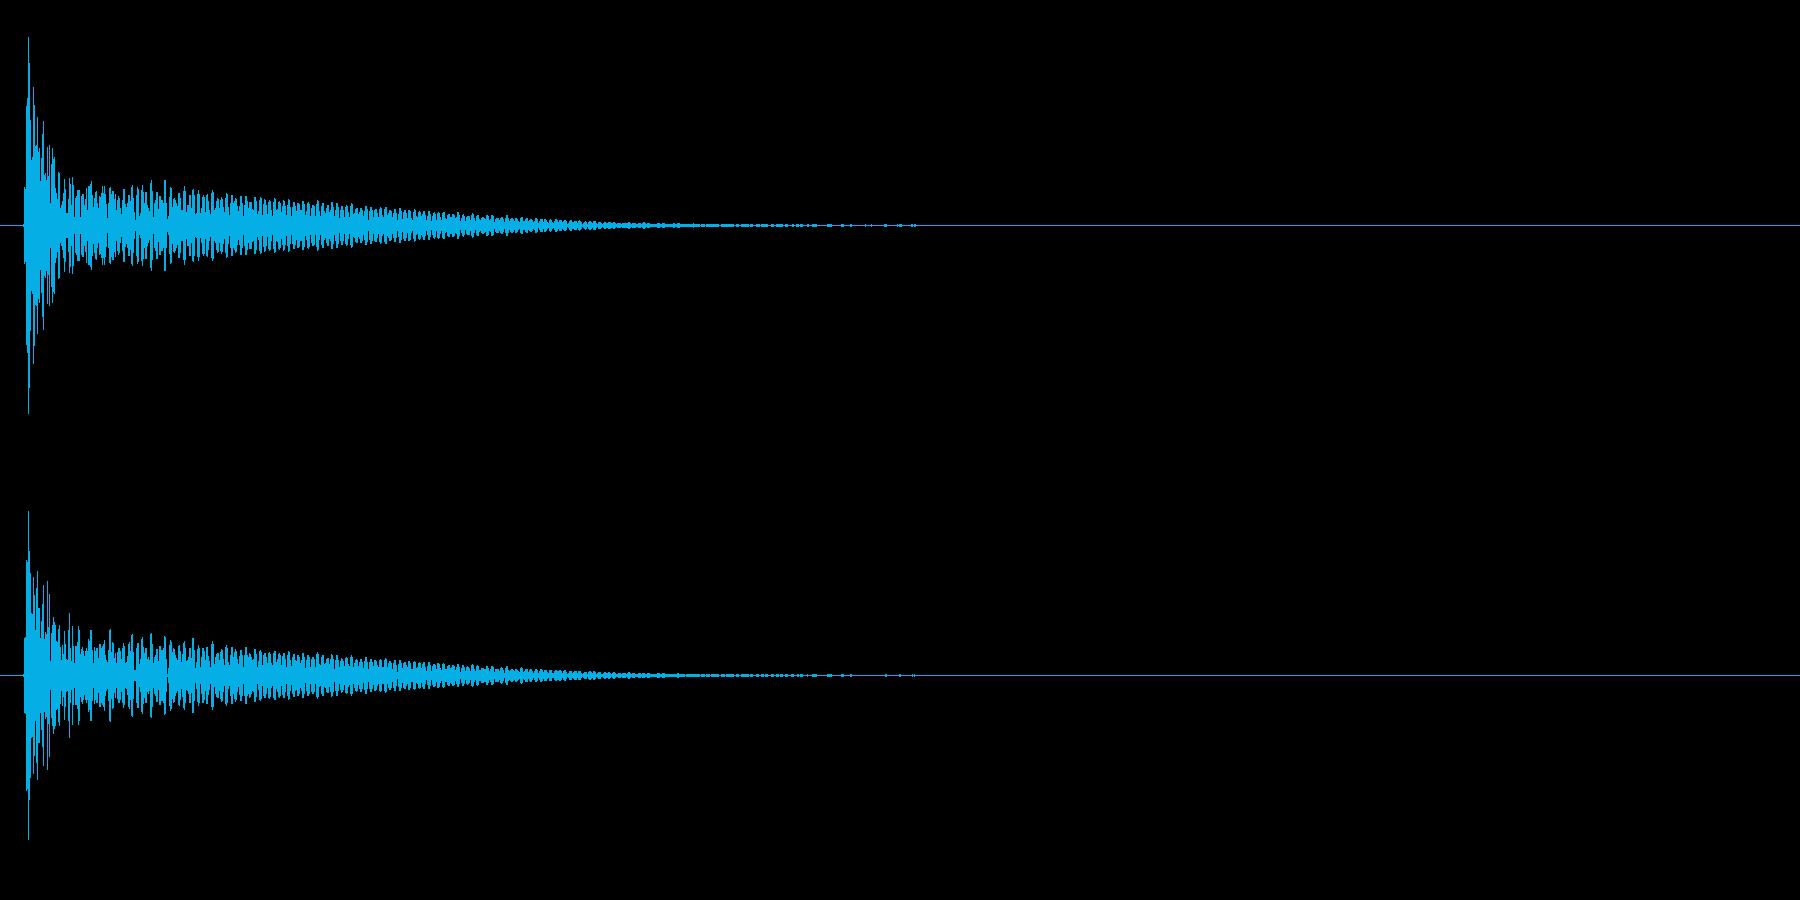 「ドン」和太鼓の大太鼓の単発音の再生済みの波形